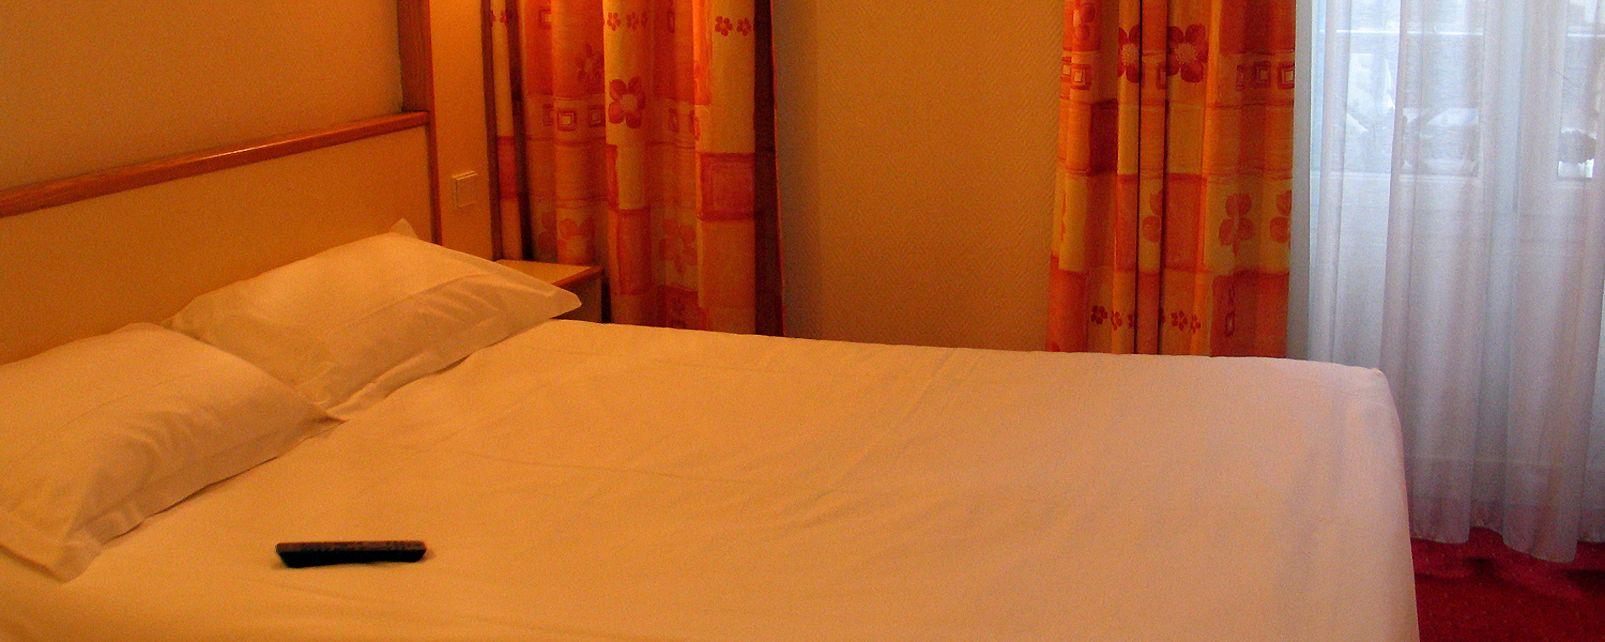 Hotel Modial Hotel Europeen